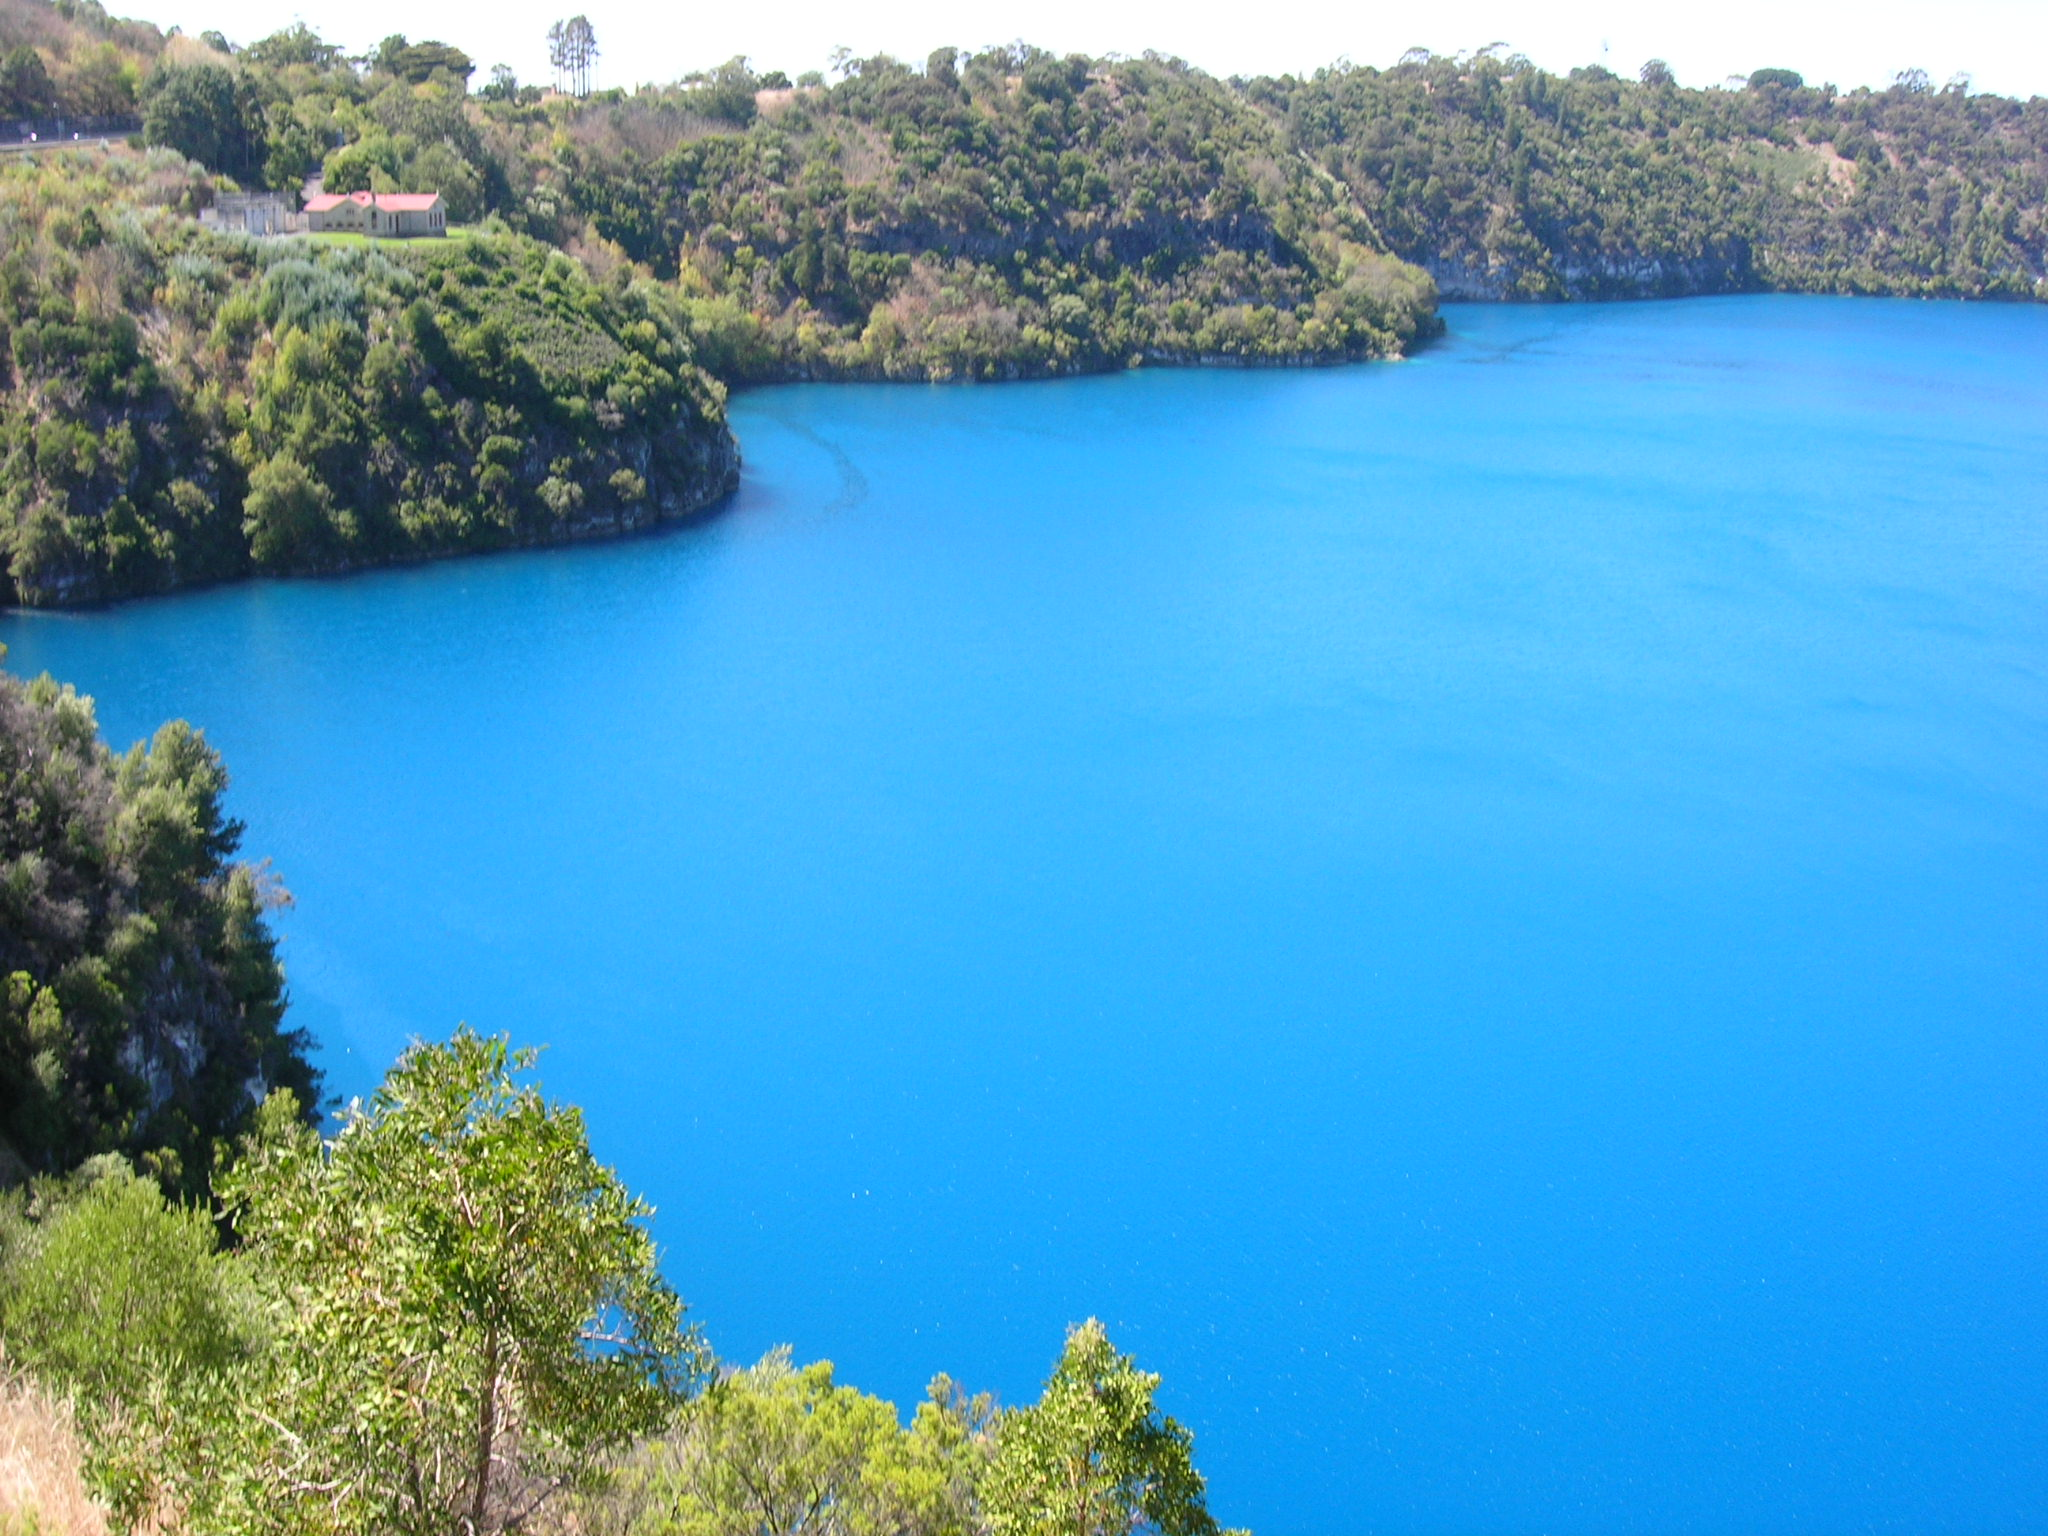 Mount Gambier Australia  city images : Description Blue Lake, Mount Gambier